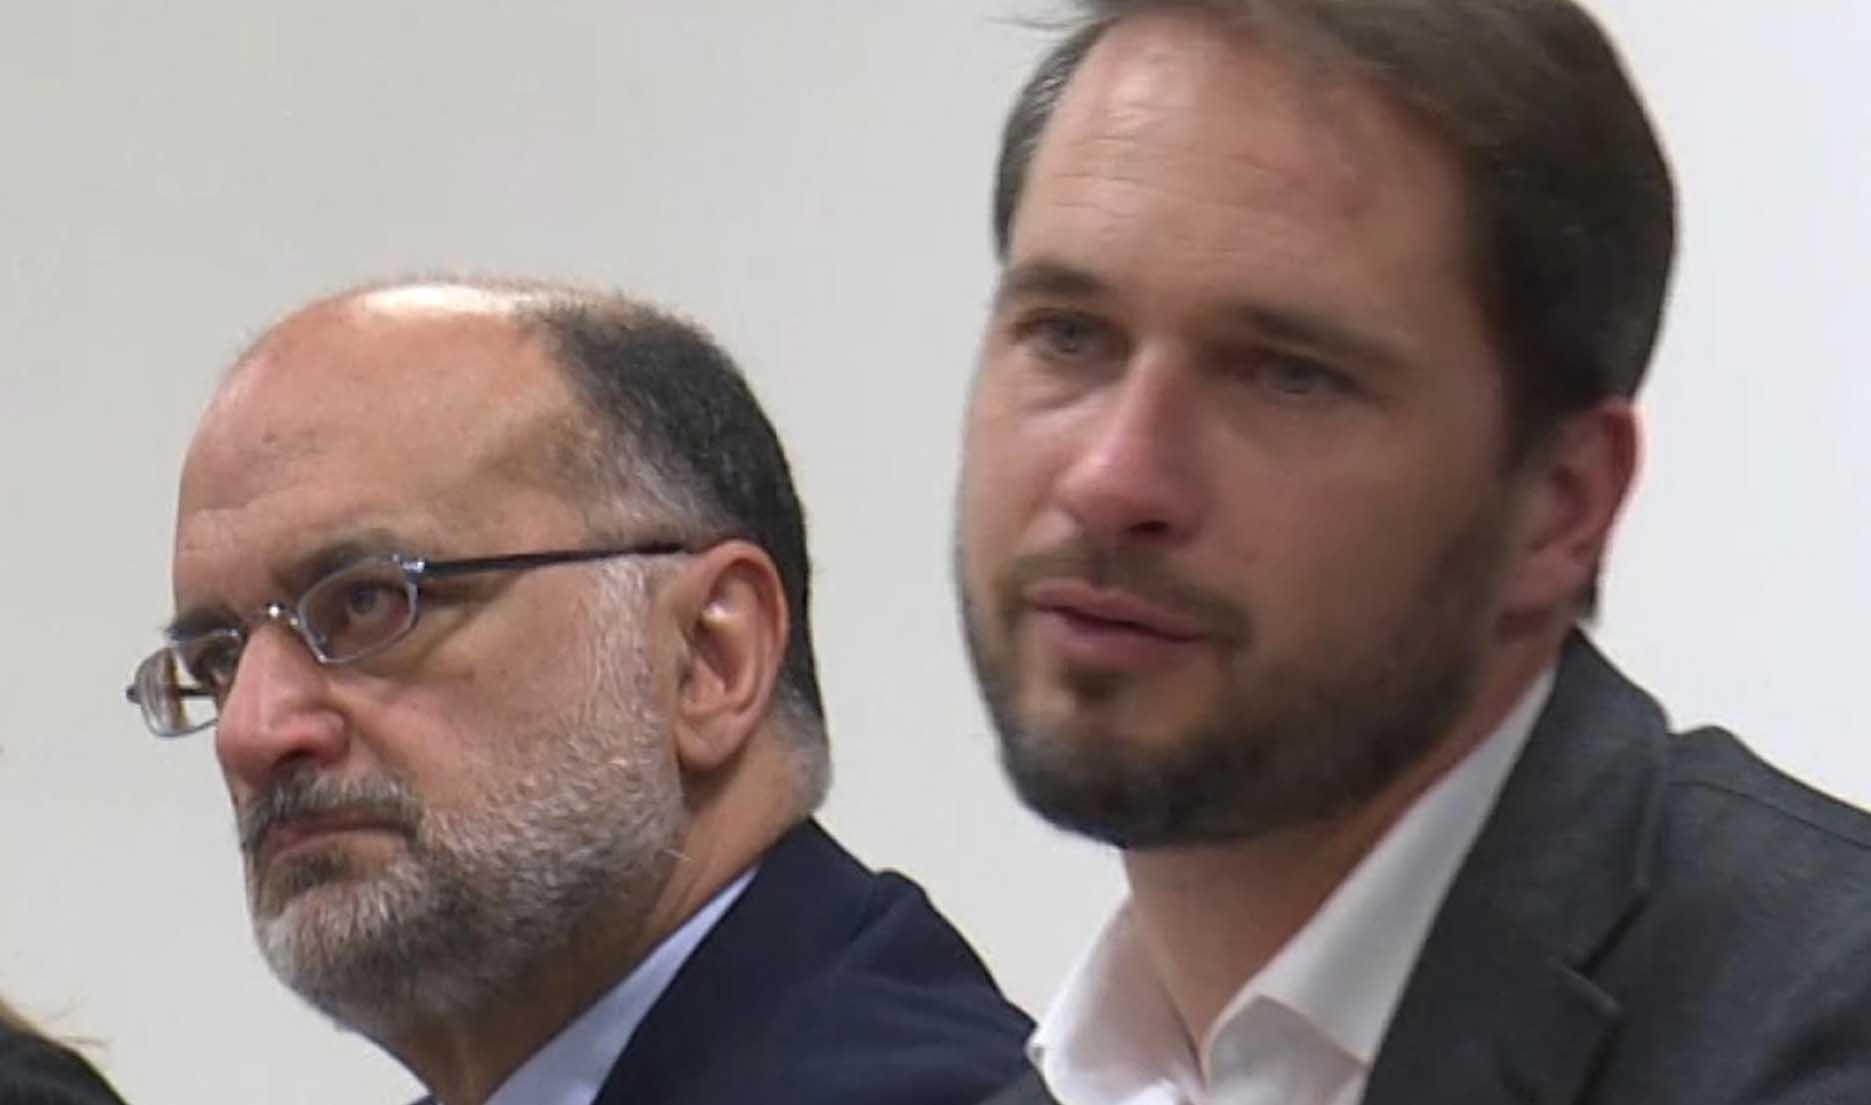 FVG Paolo Stefanelli Direttore generale Agenzia regionale sviluppo rurale ERSA e Cristiano Shaurli